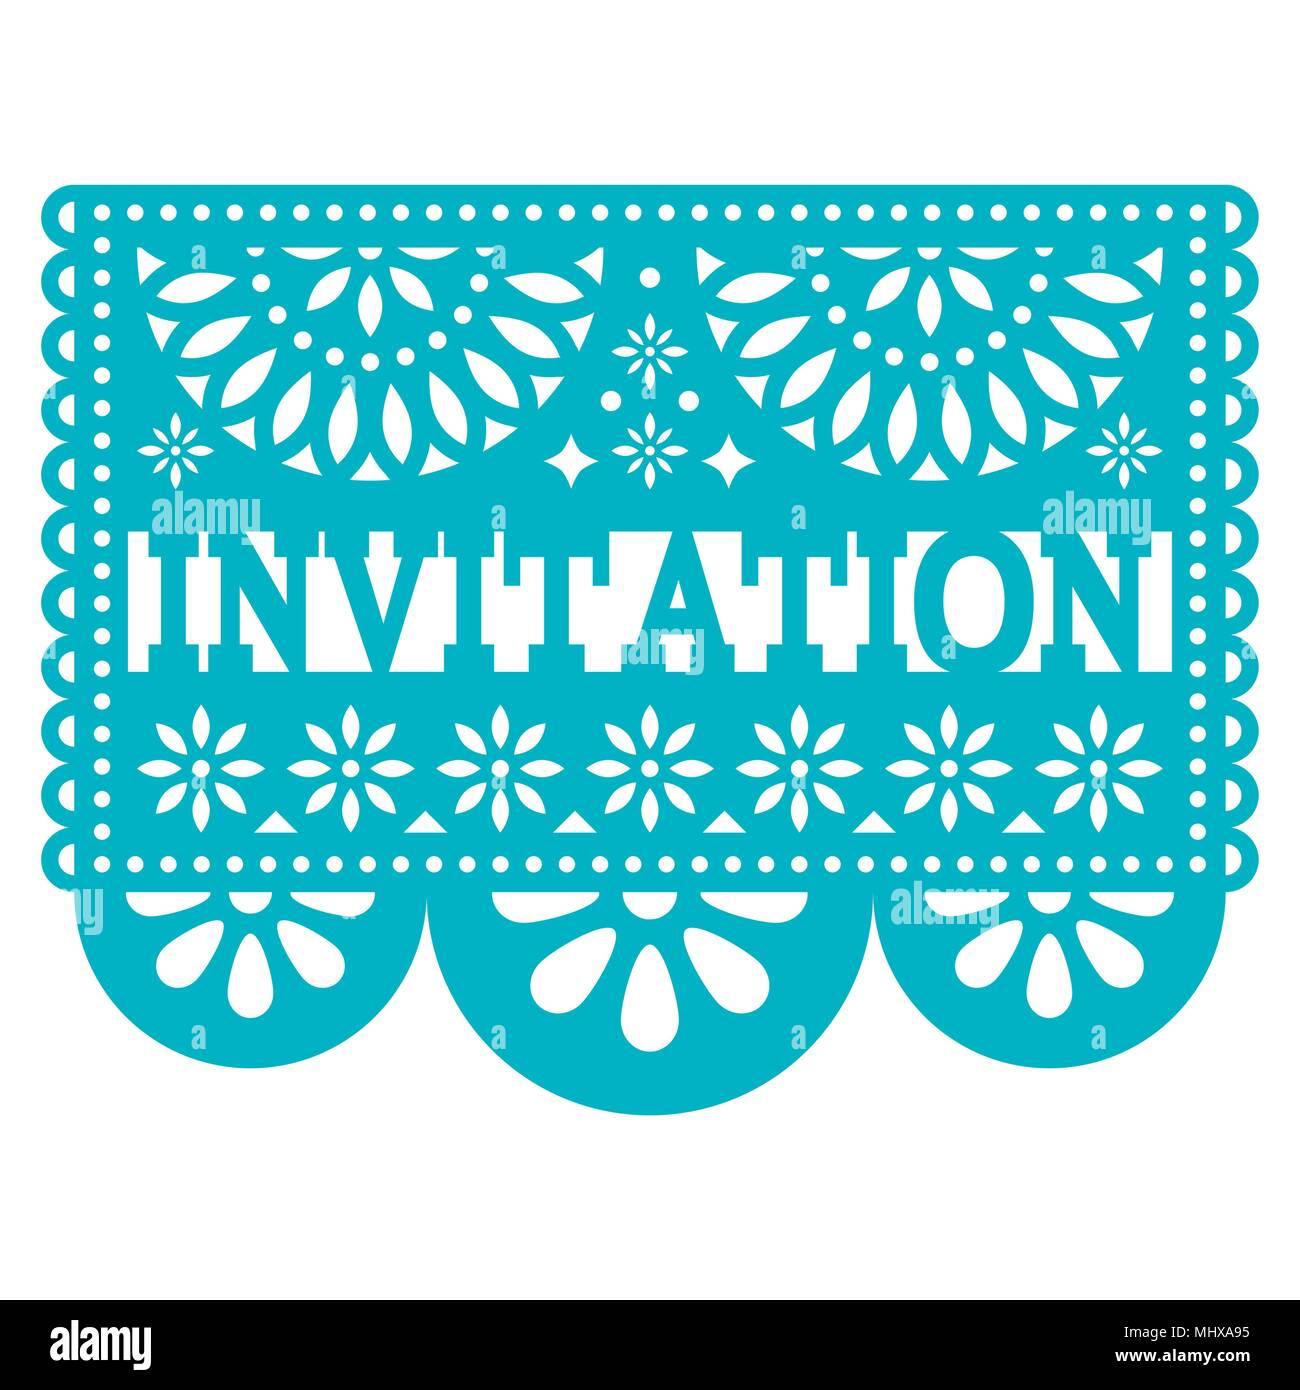 Invitation vector vectors fotos invitation vector vectors imagens convite papel picado vector design parte carto de saudao padro mexicano imagens de stock stopboris Gallery